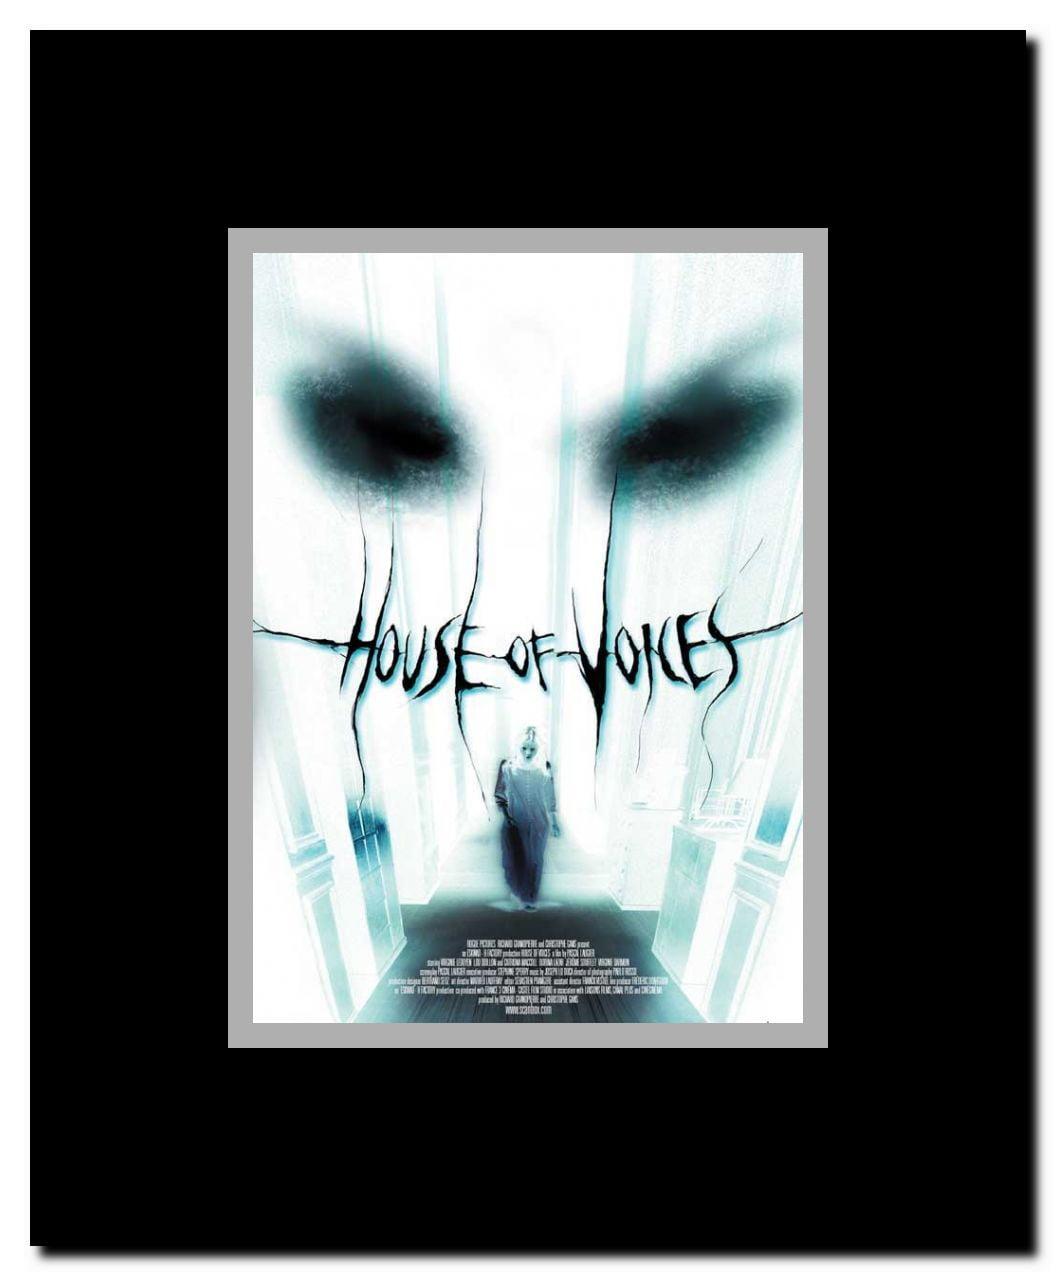 Saint Ange Framed Movie Poster